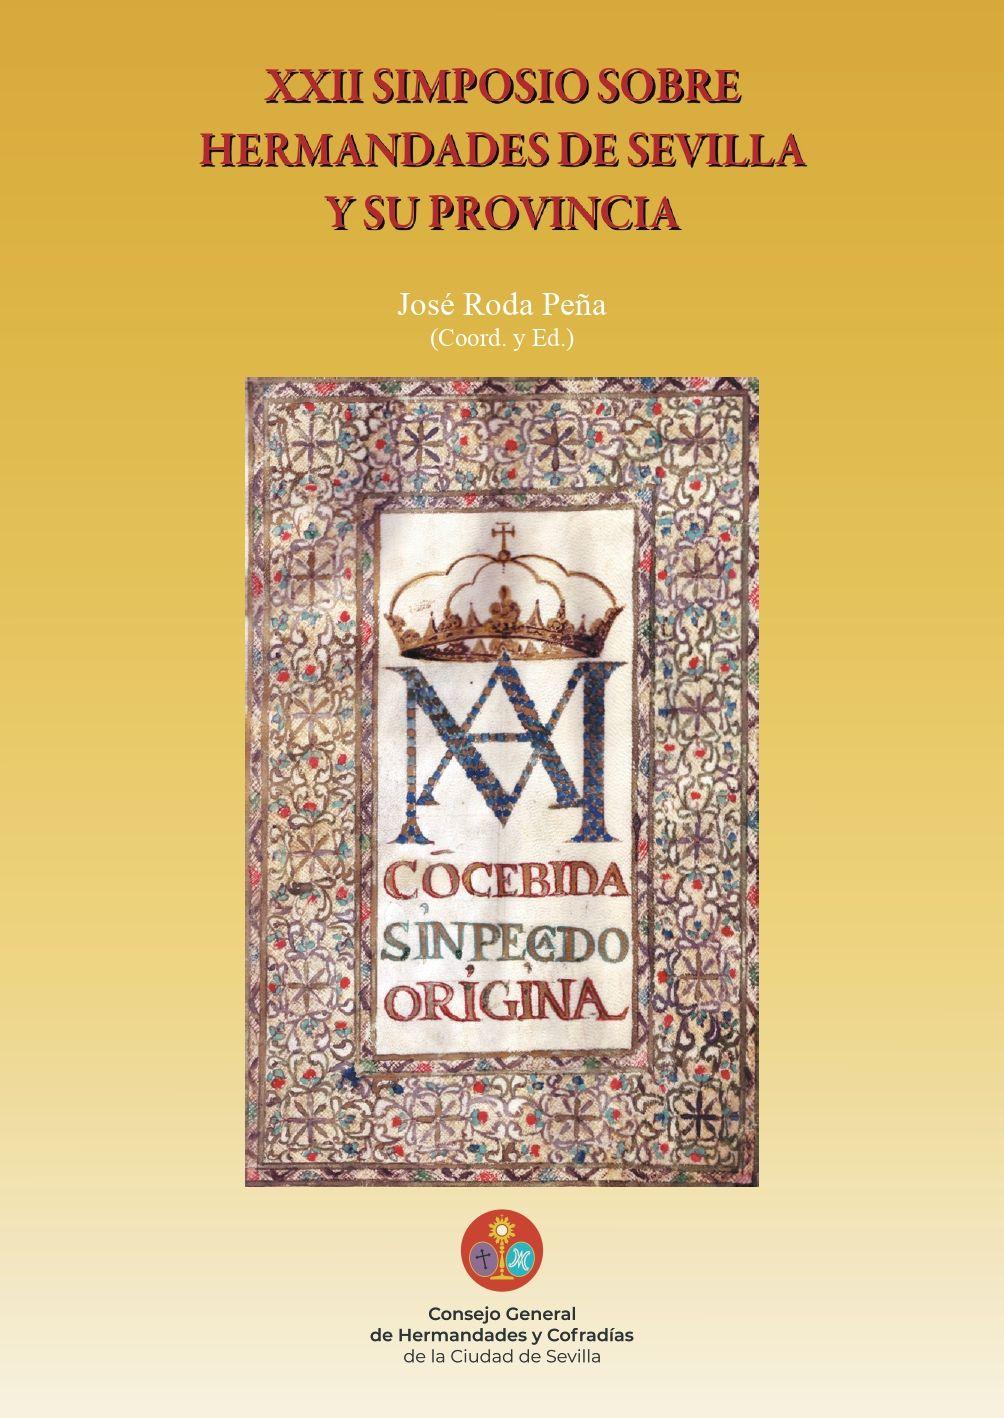 Abierto el plazo de inscripción para el XXII simposio sobre Hermandades de Sevilla y su provincia